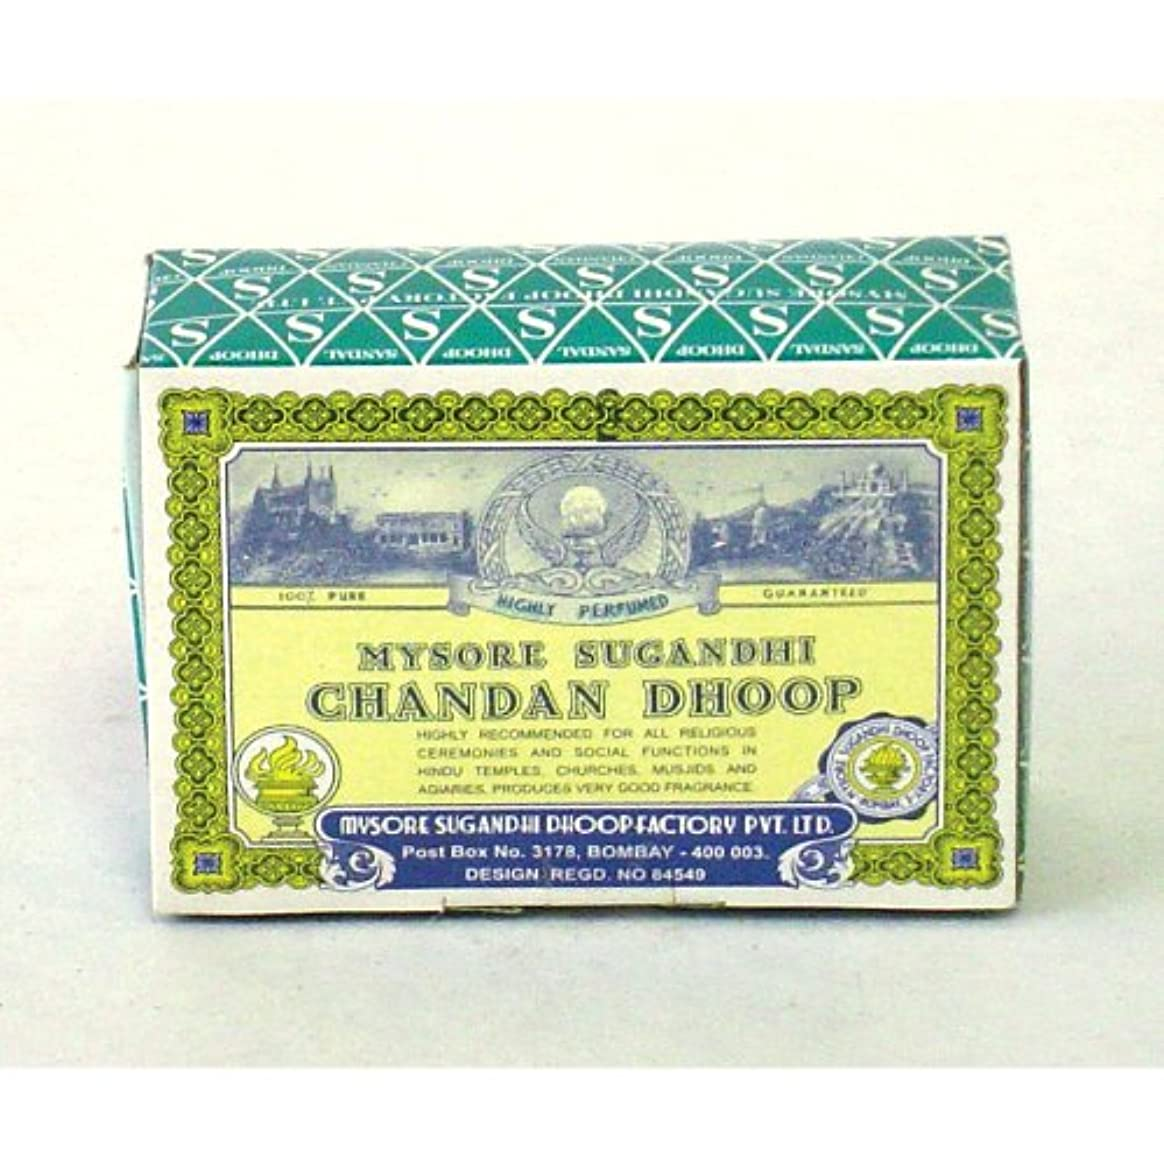 キャンベラドアミラー暗いChandan Dhoop – 16ジャンボログperボックス – 4ボックスのセット販売